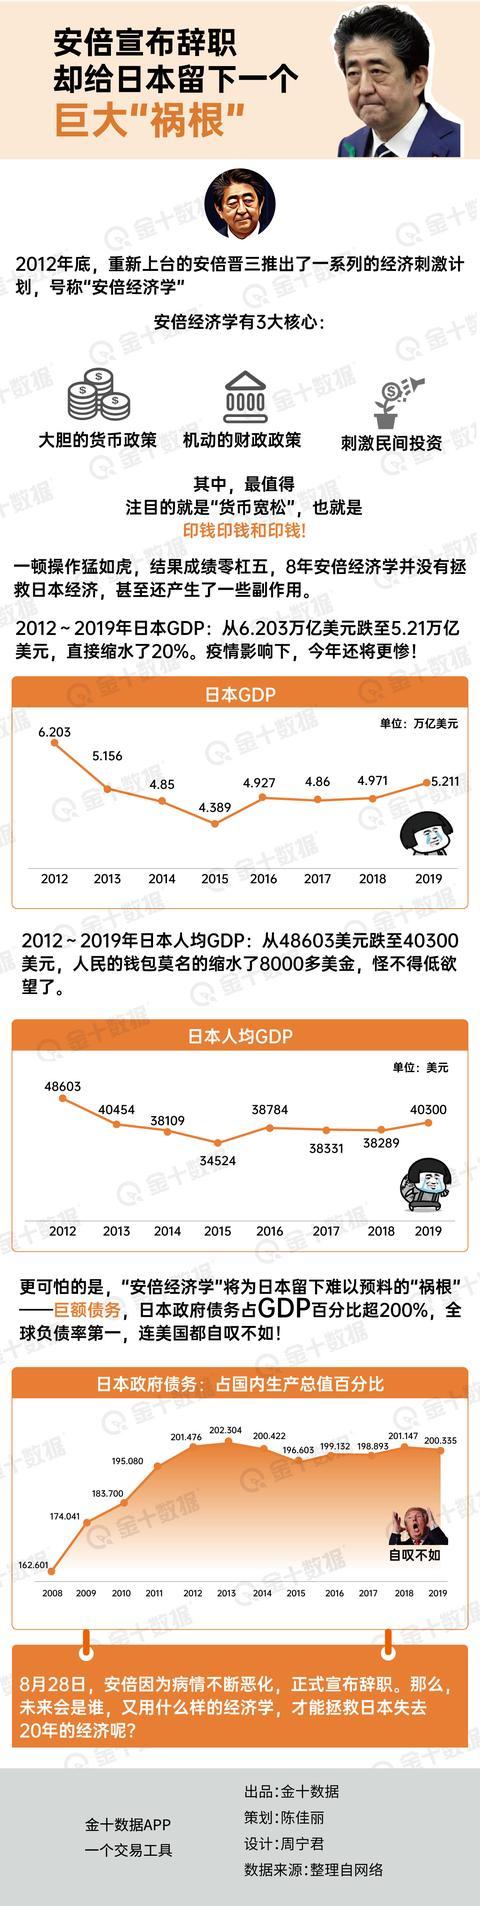 安倍宣布辞职,却给日本留下巨大祸根:政府债务占GDP比重超200%www.smxdc.net